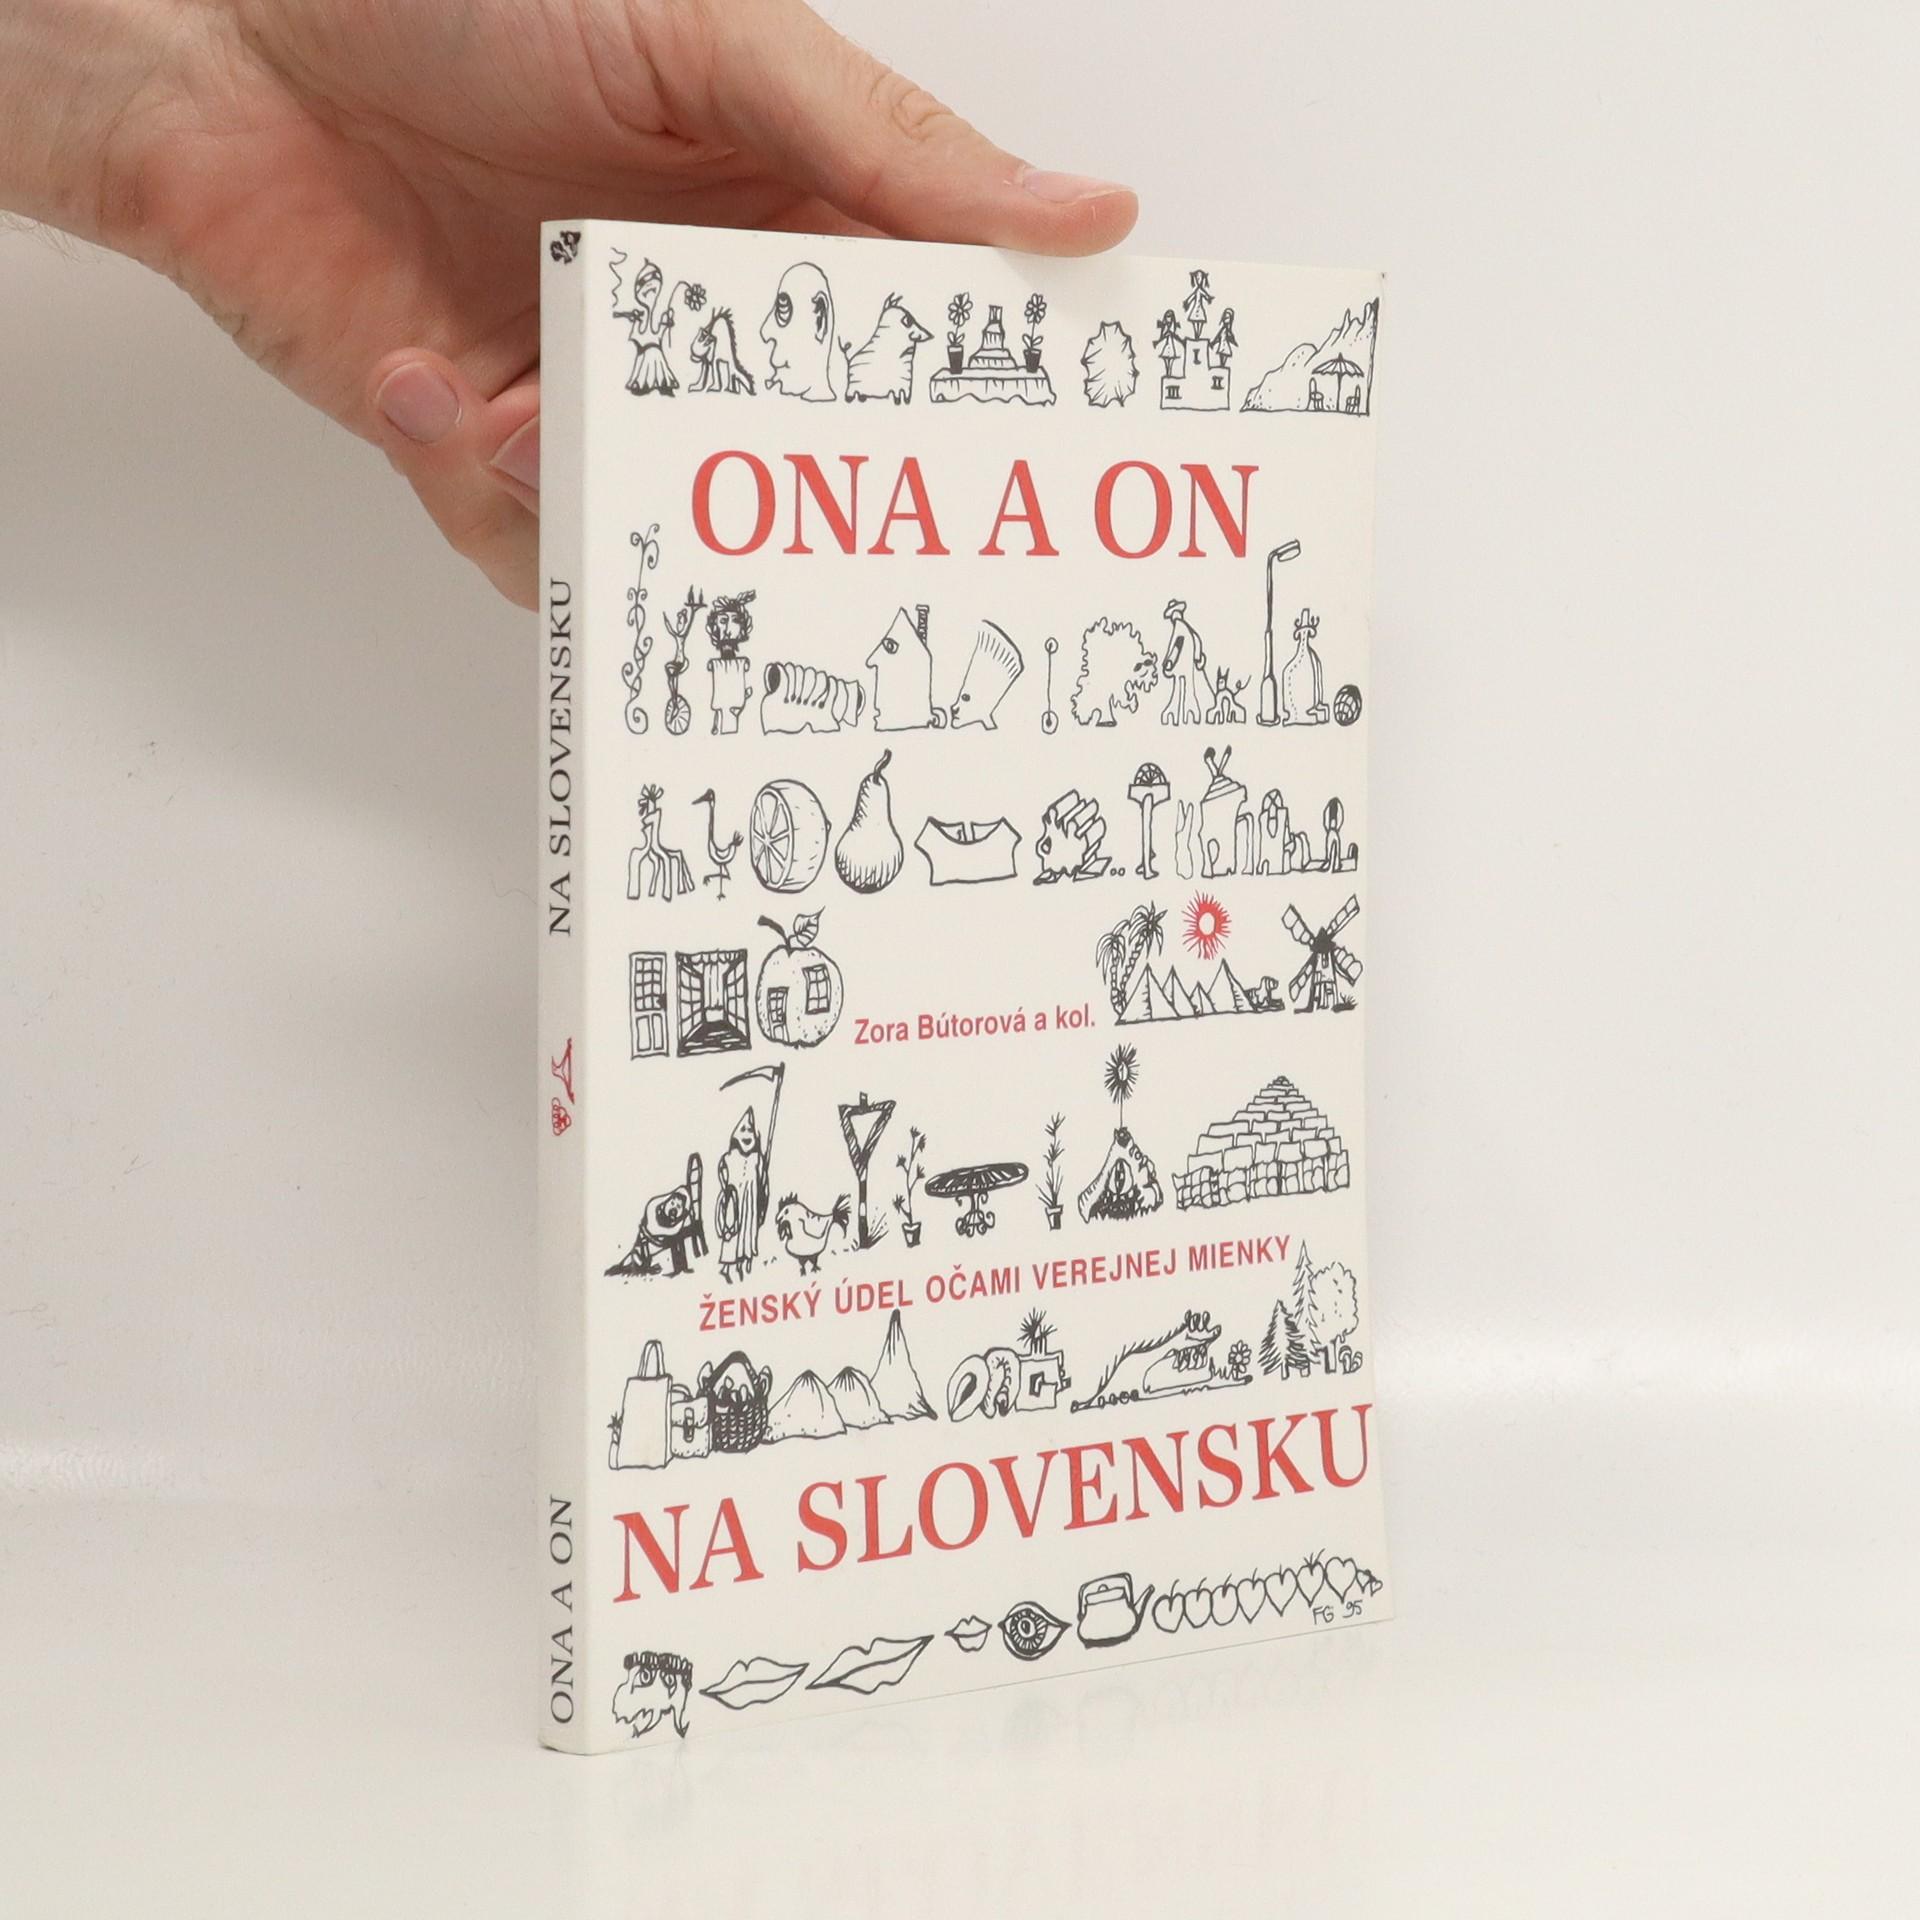 antikvární kniha On a ona na Slovensku : ženský údel očami verejnej mienky, 1996